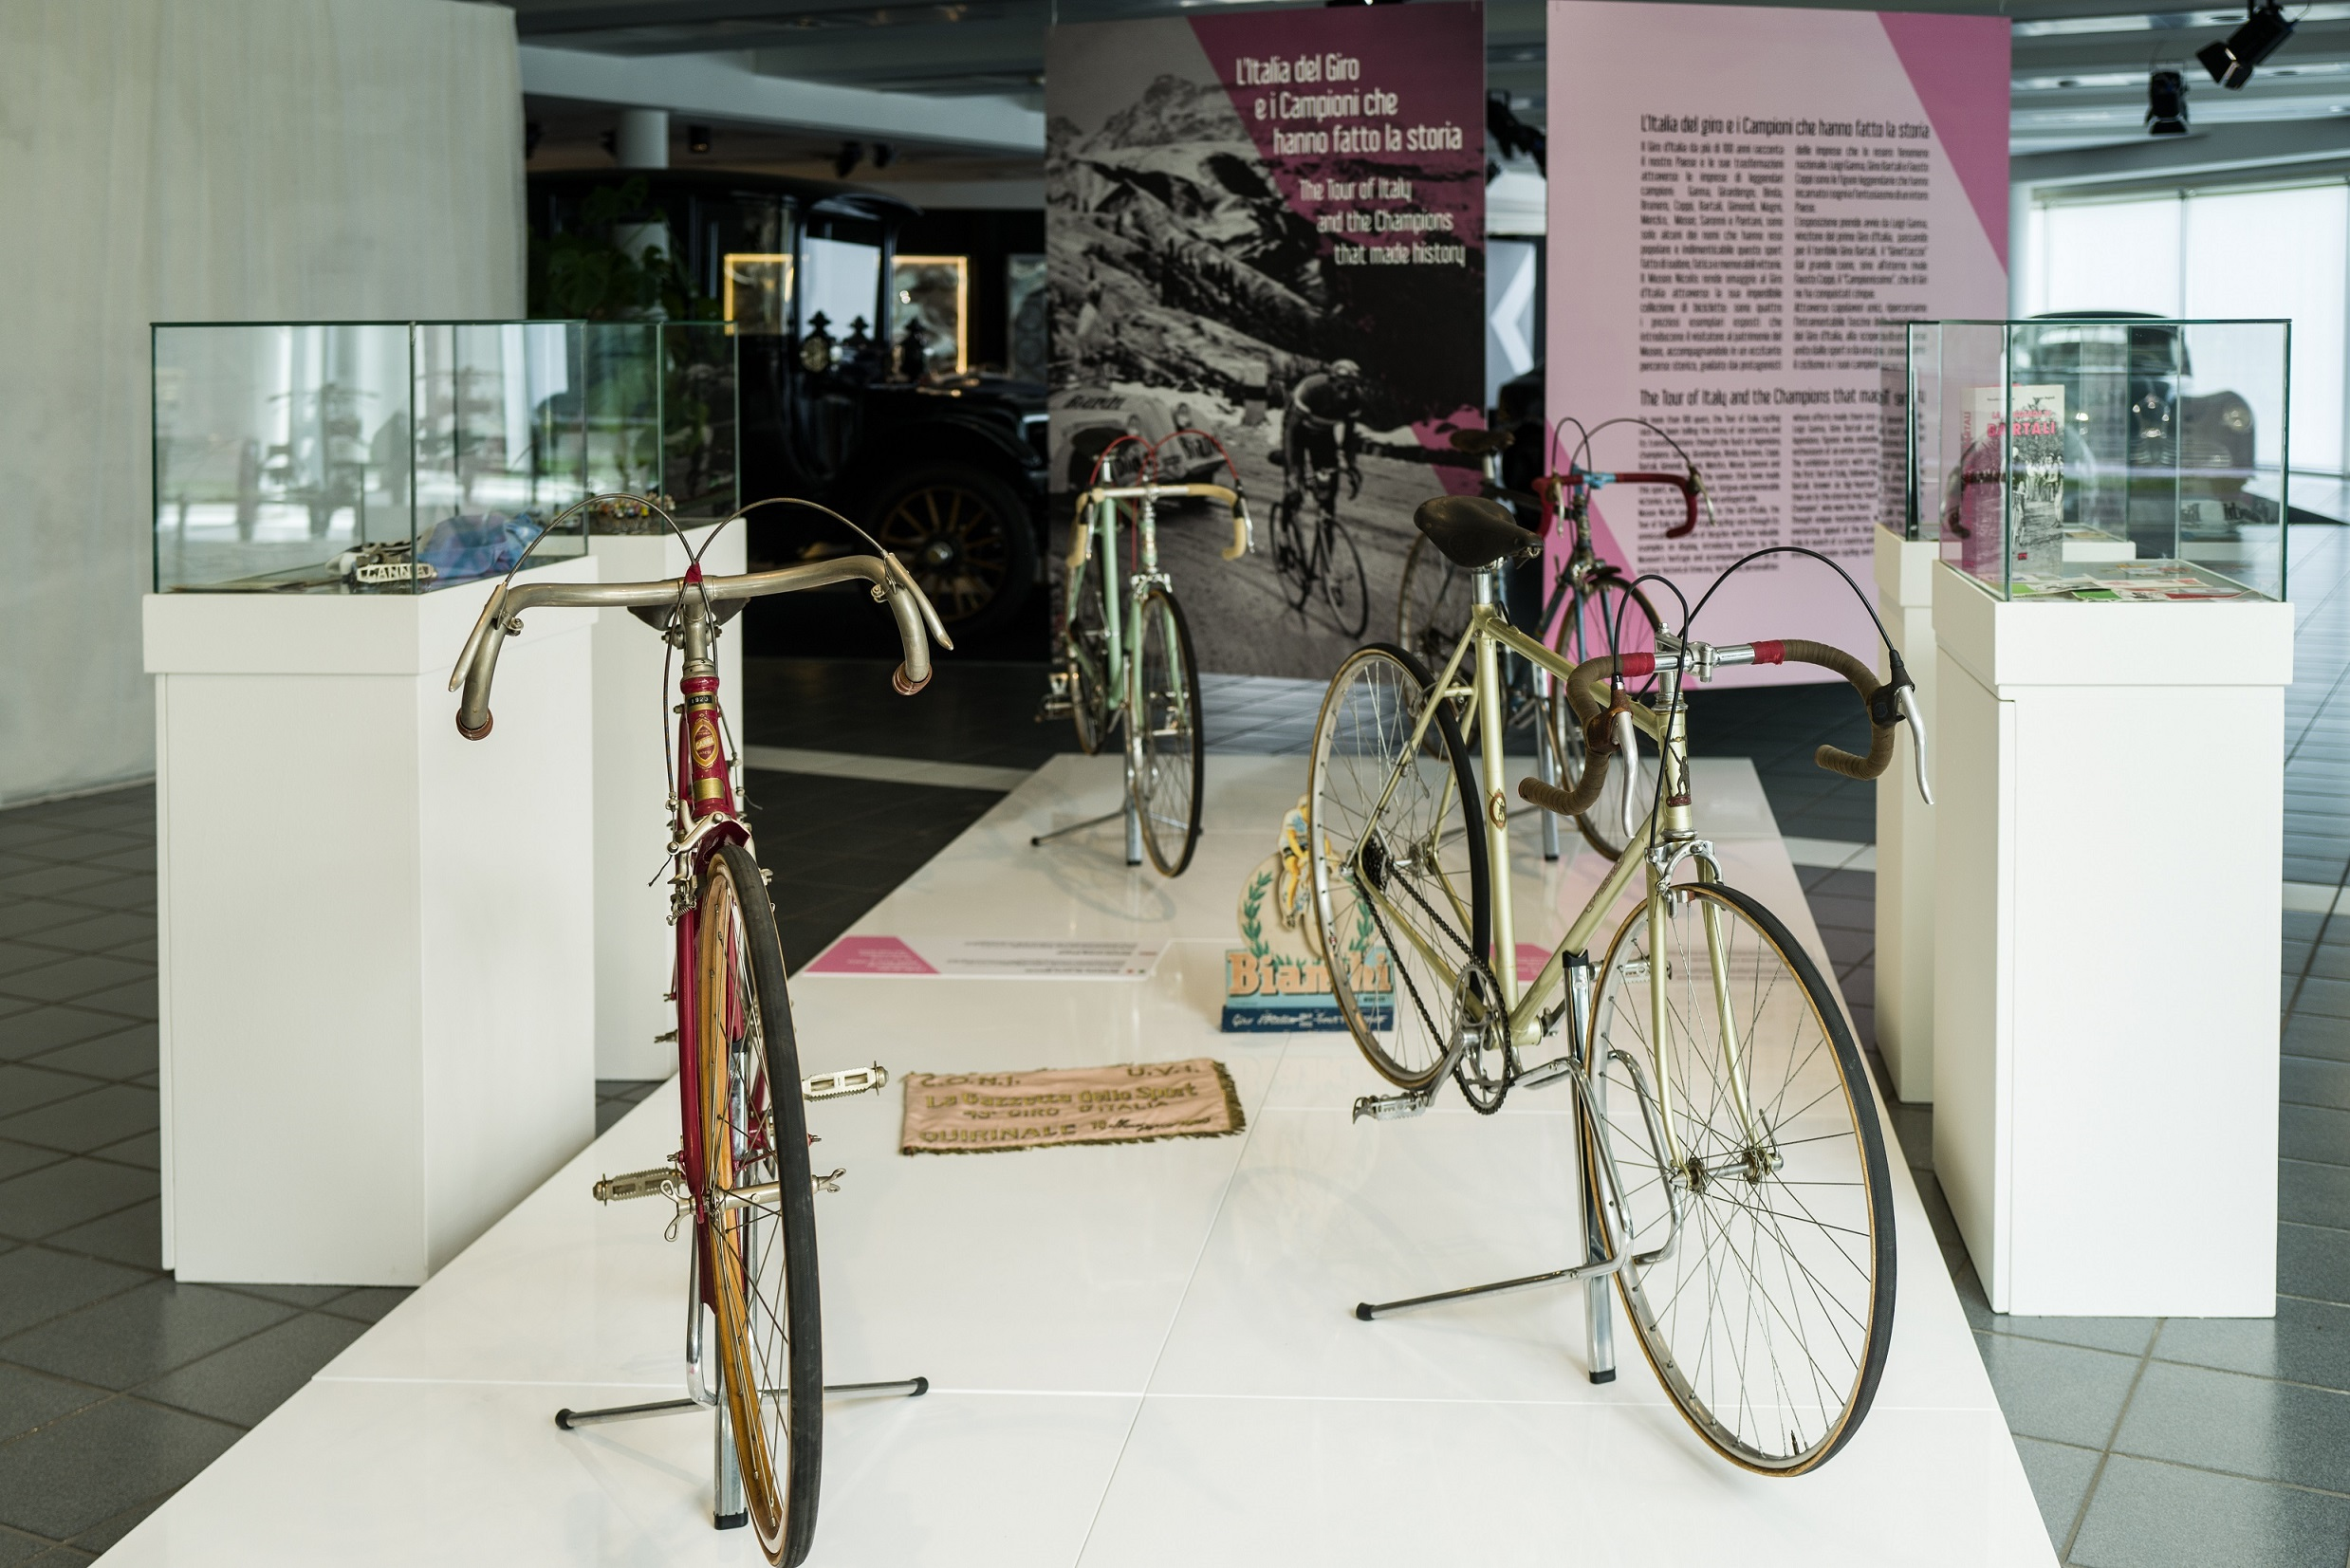 componenti di motocicletta e bicicletta 3 | Andrea Oliva